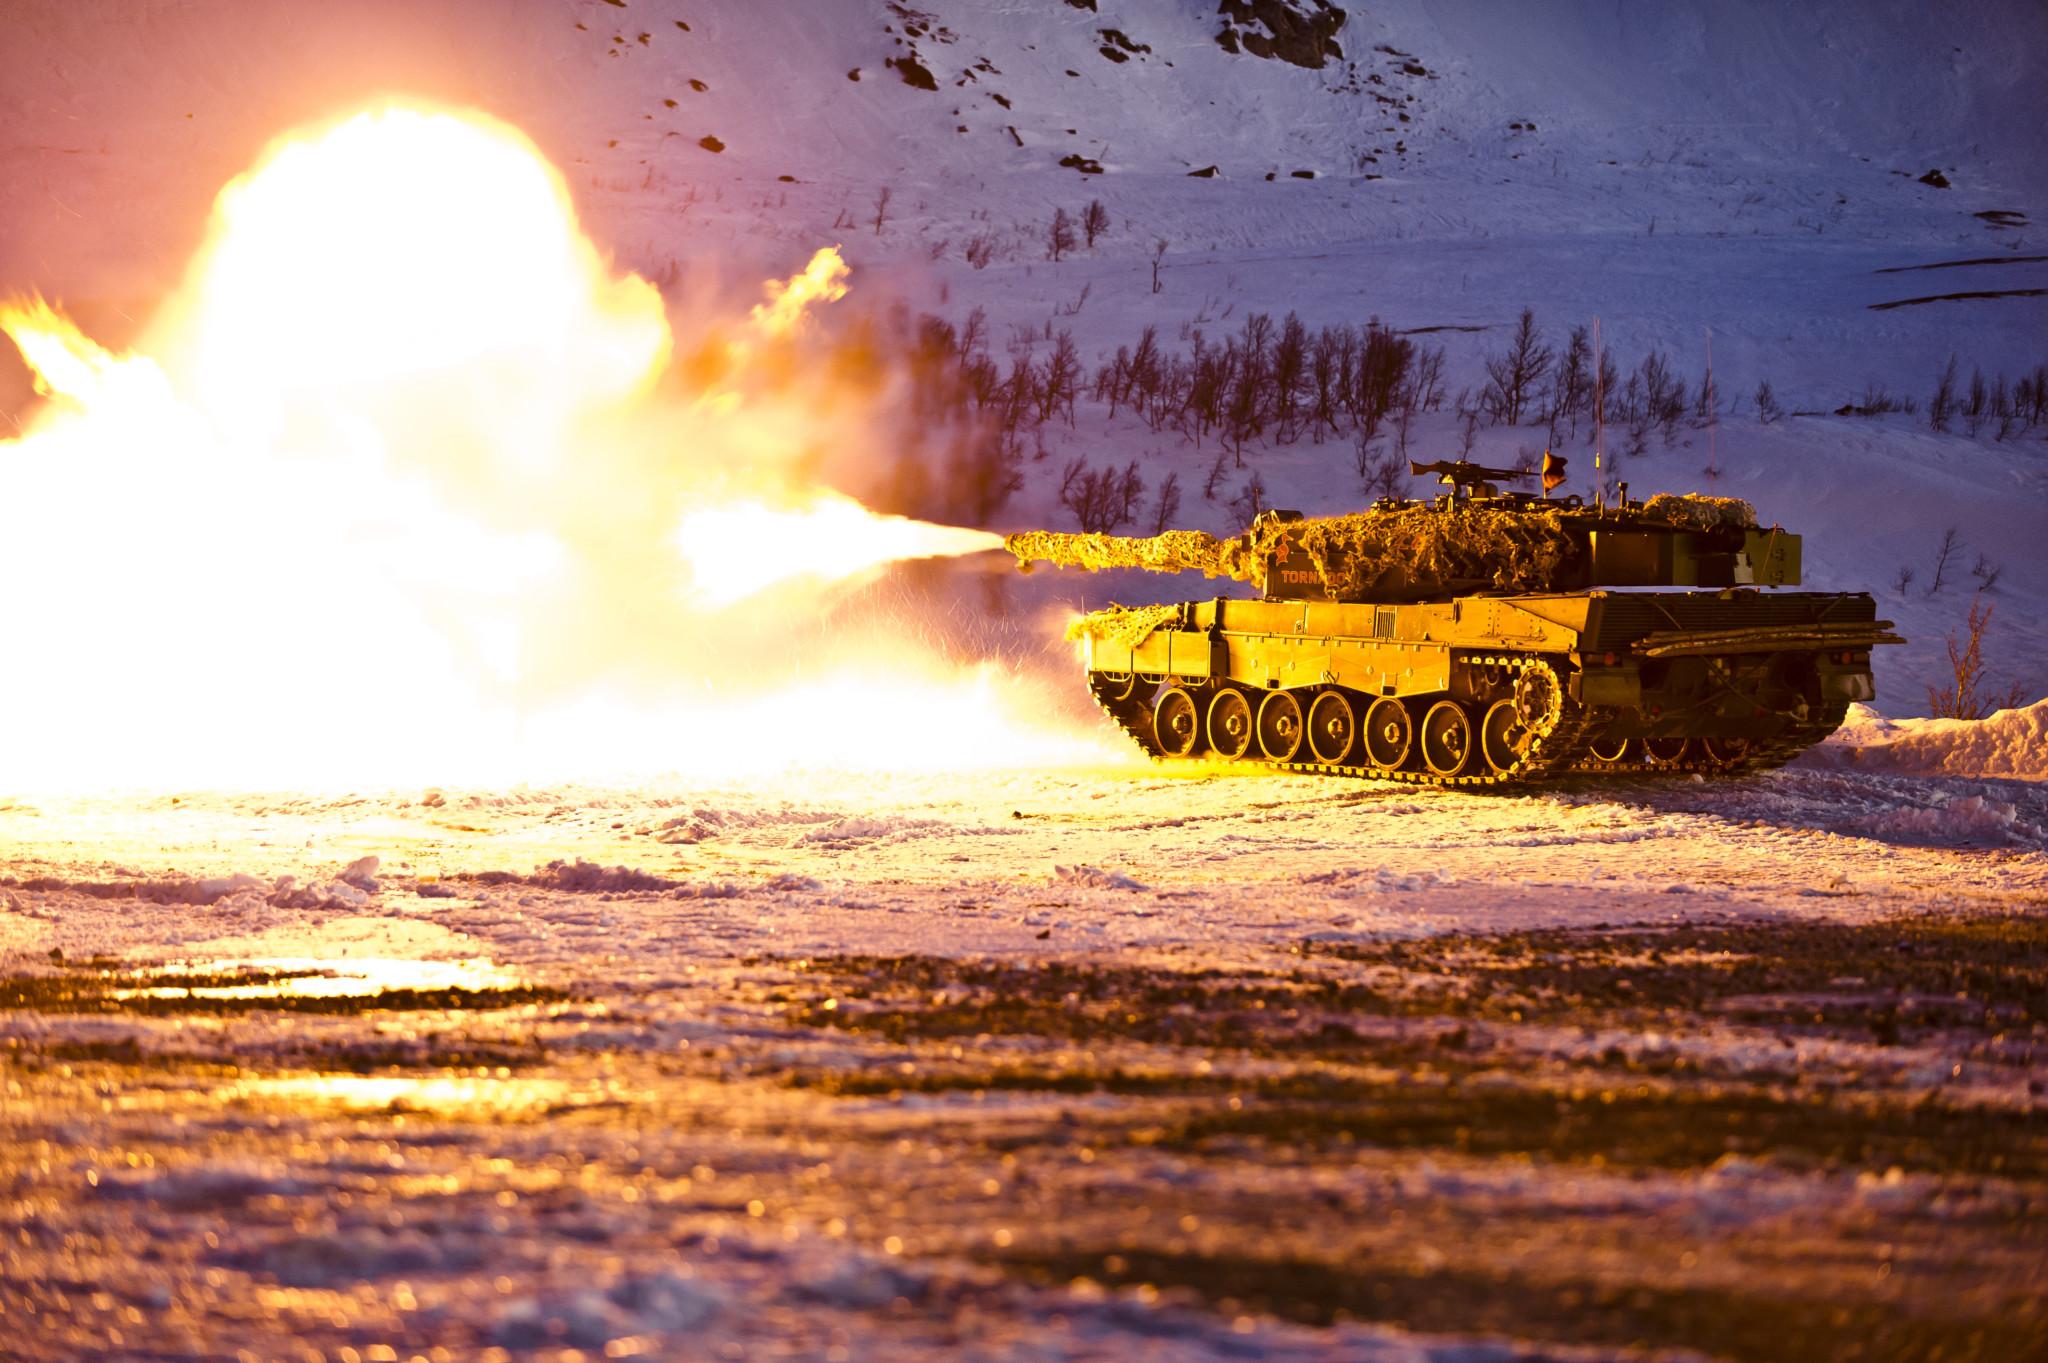 Leopard 2 A4NO stridsvogn fra Stridsvogneskadron 2 i Panserbataljonen, skarpskyting med 120 mm granat i Blåtind skytefelt